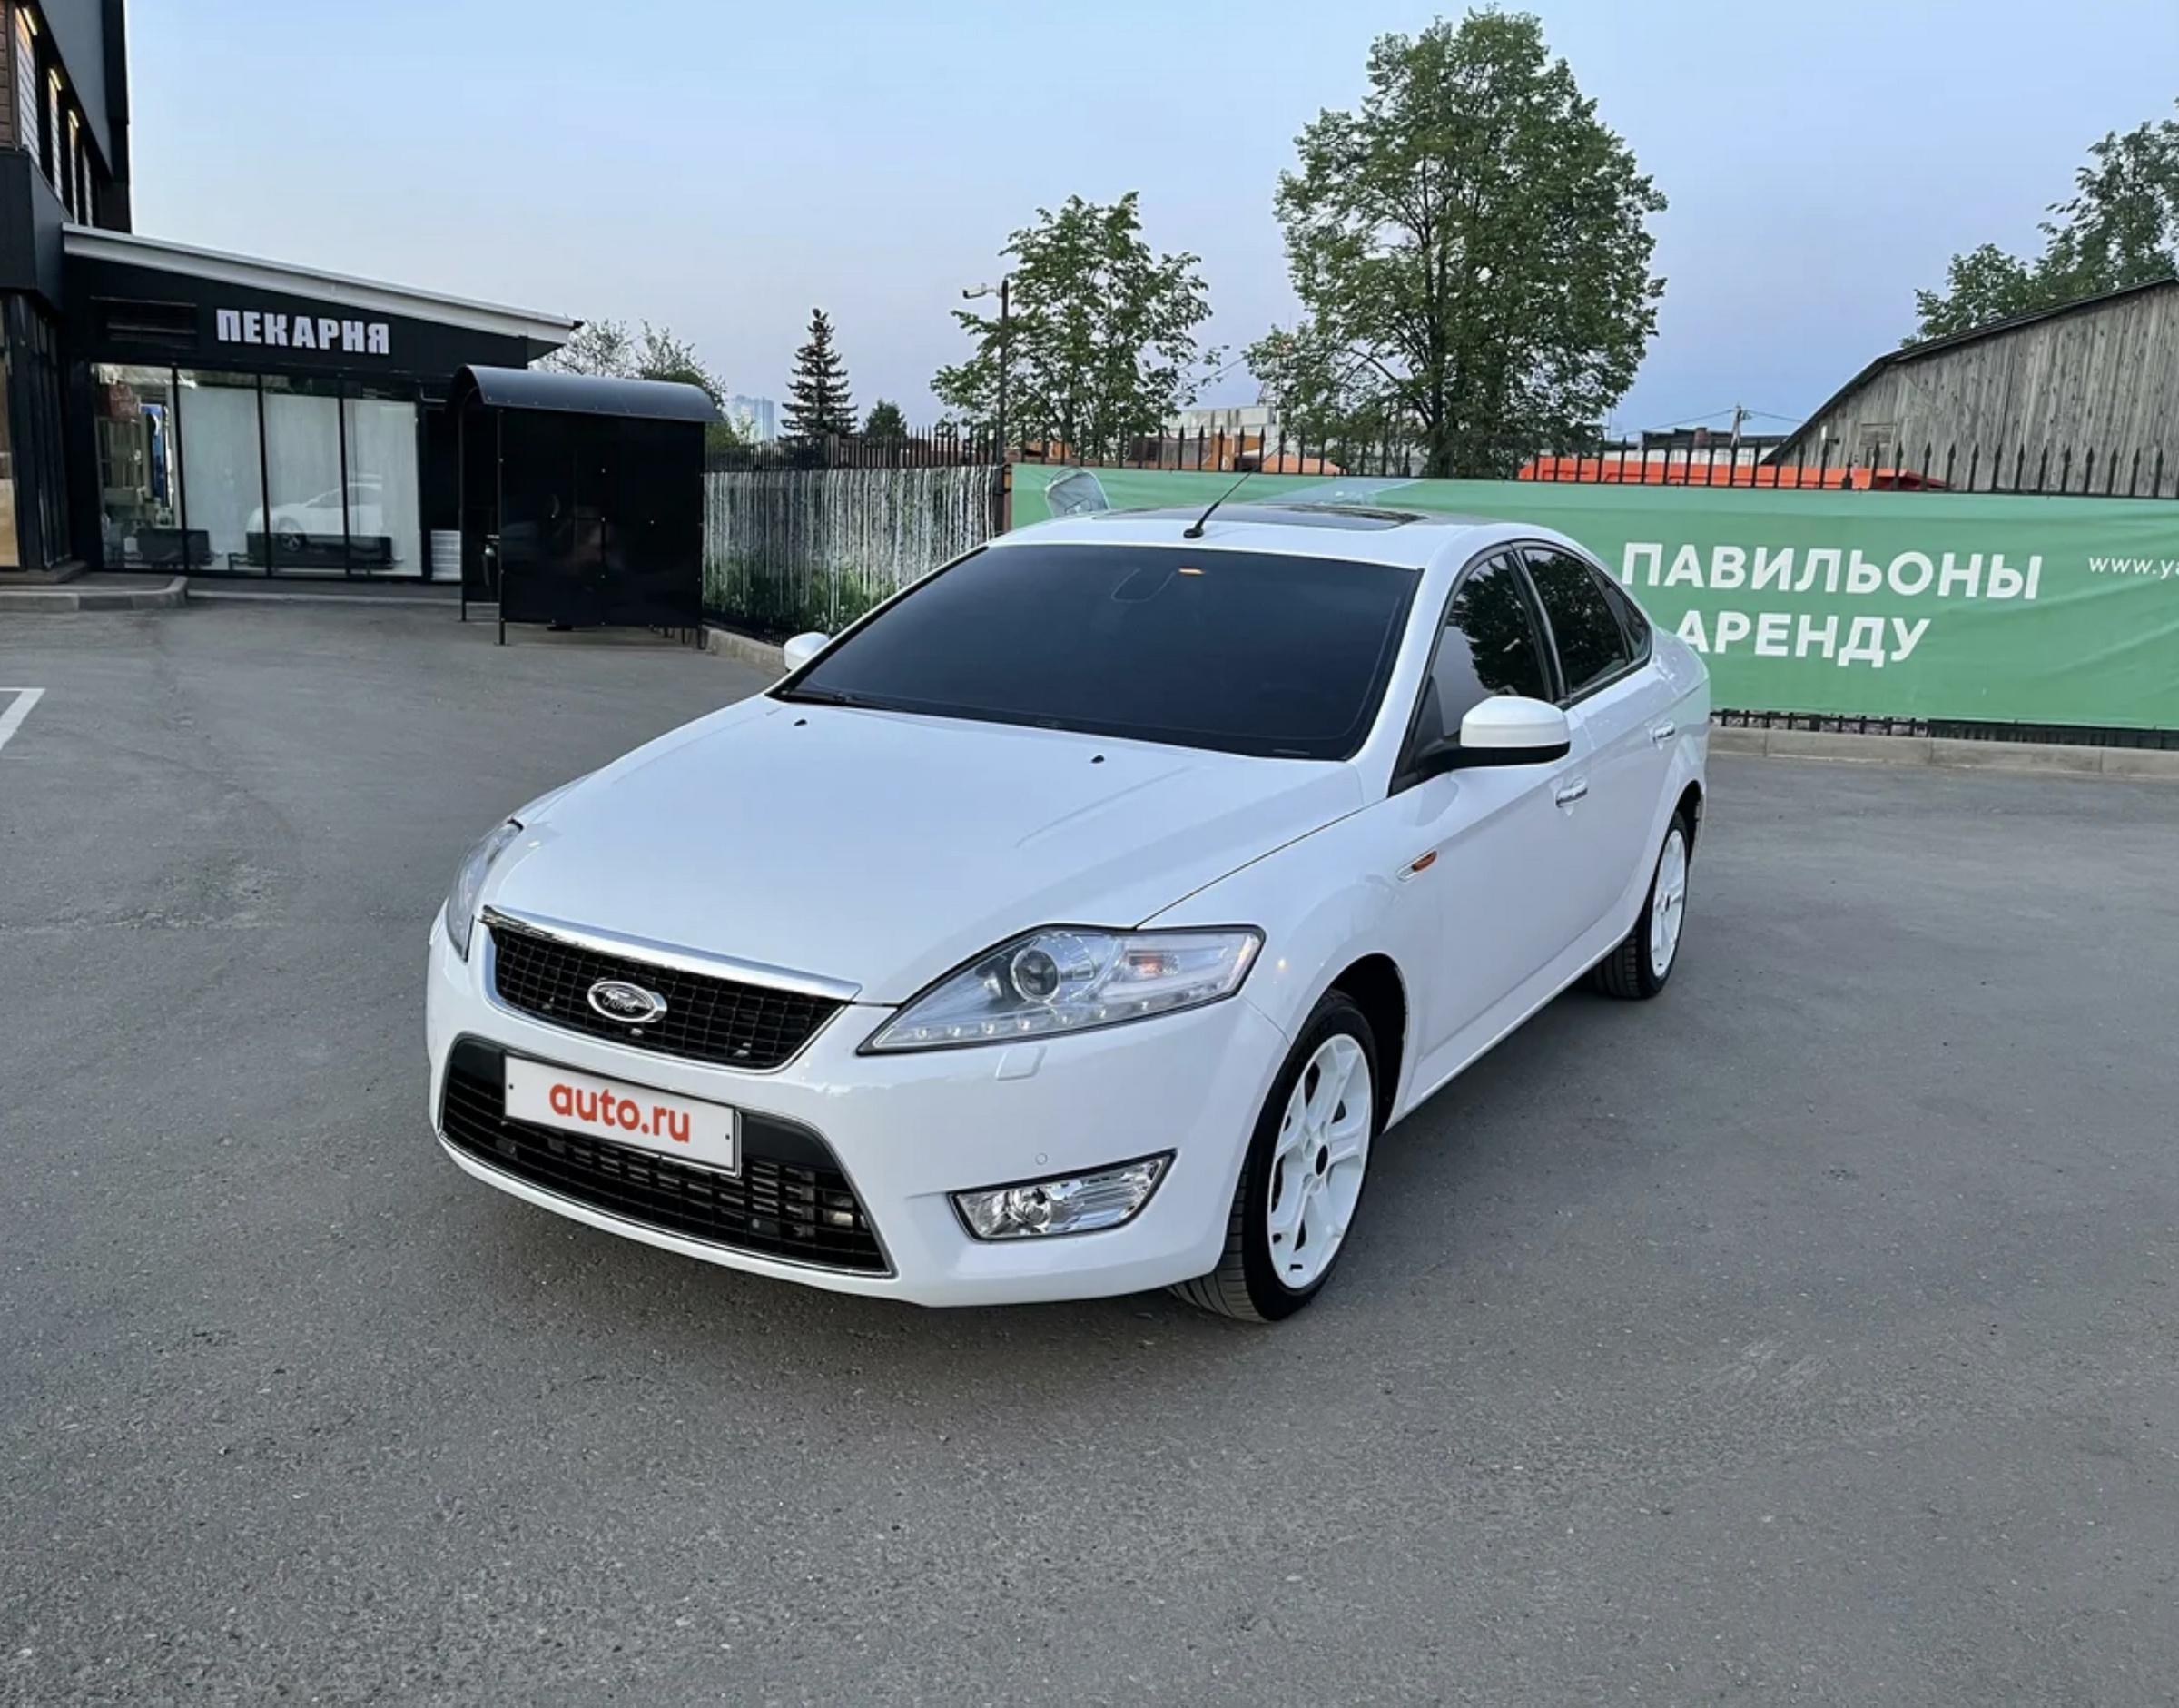 Фото © Auto.ru